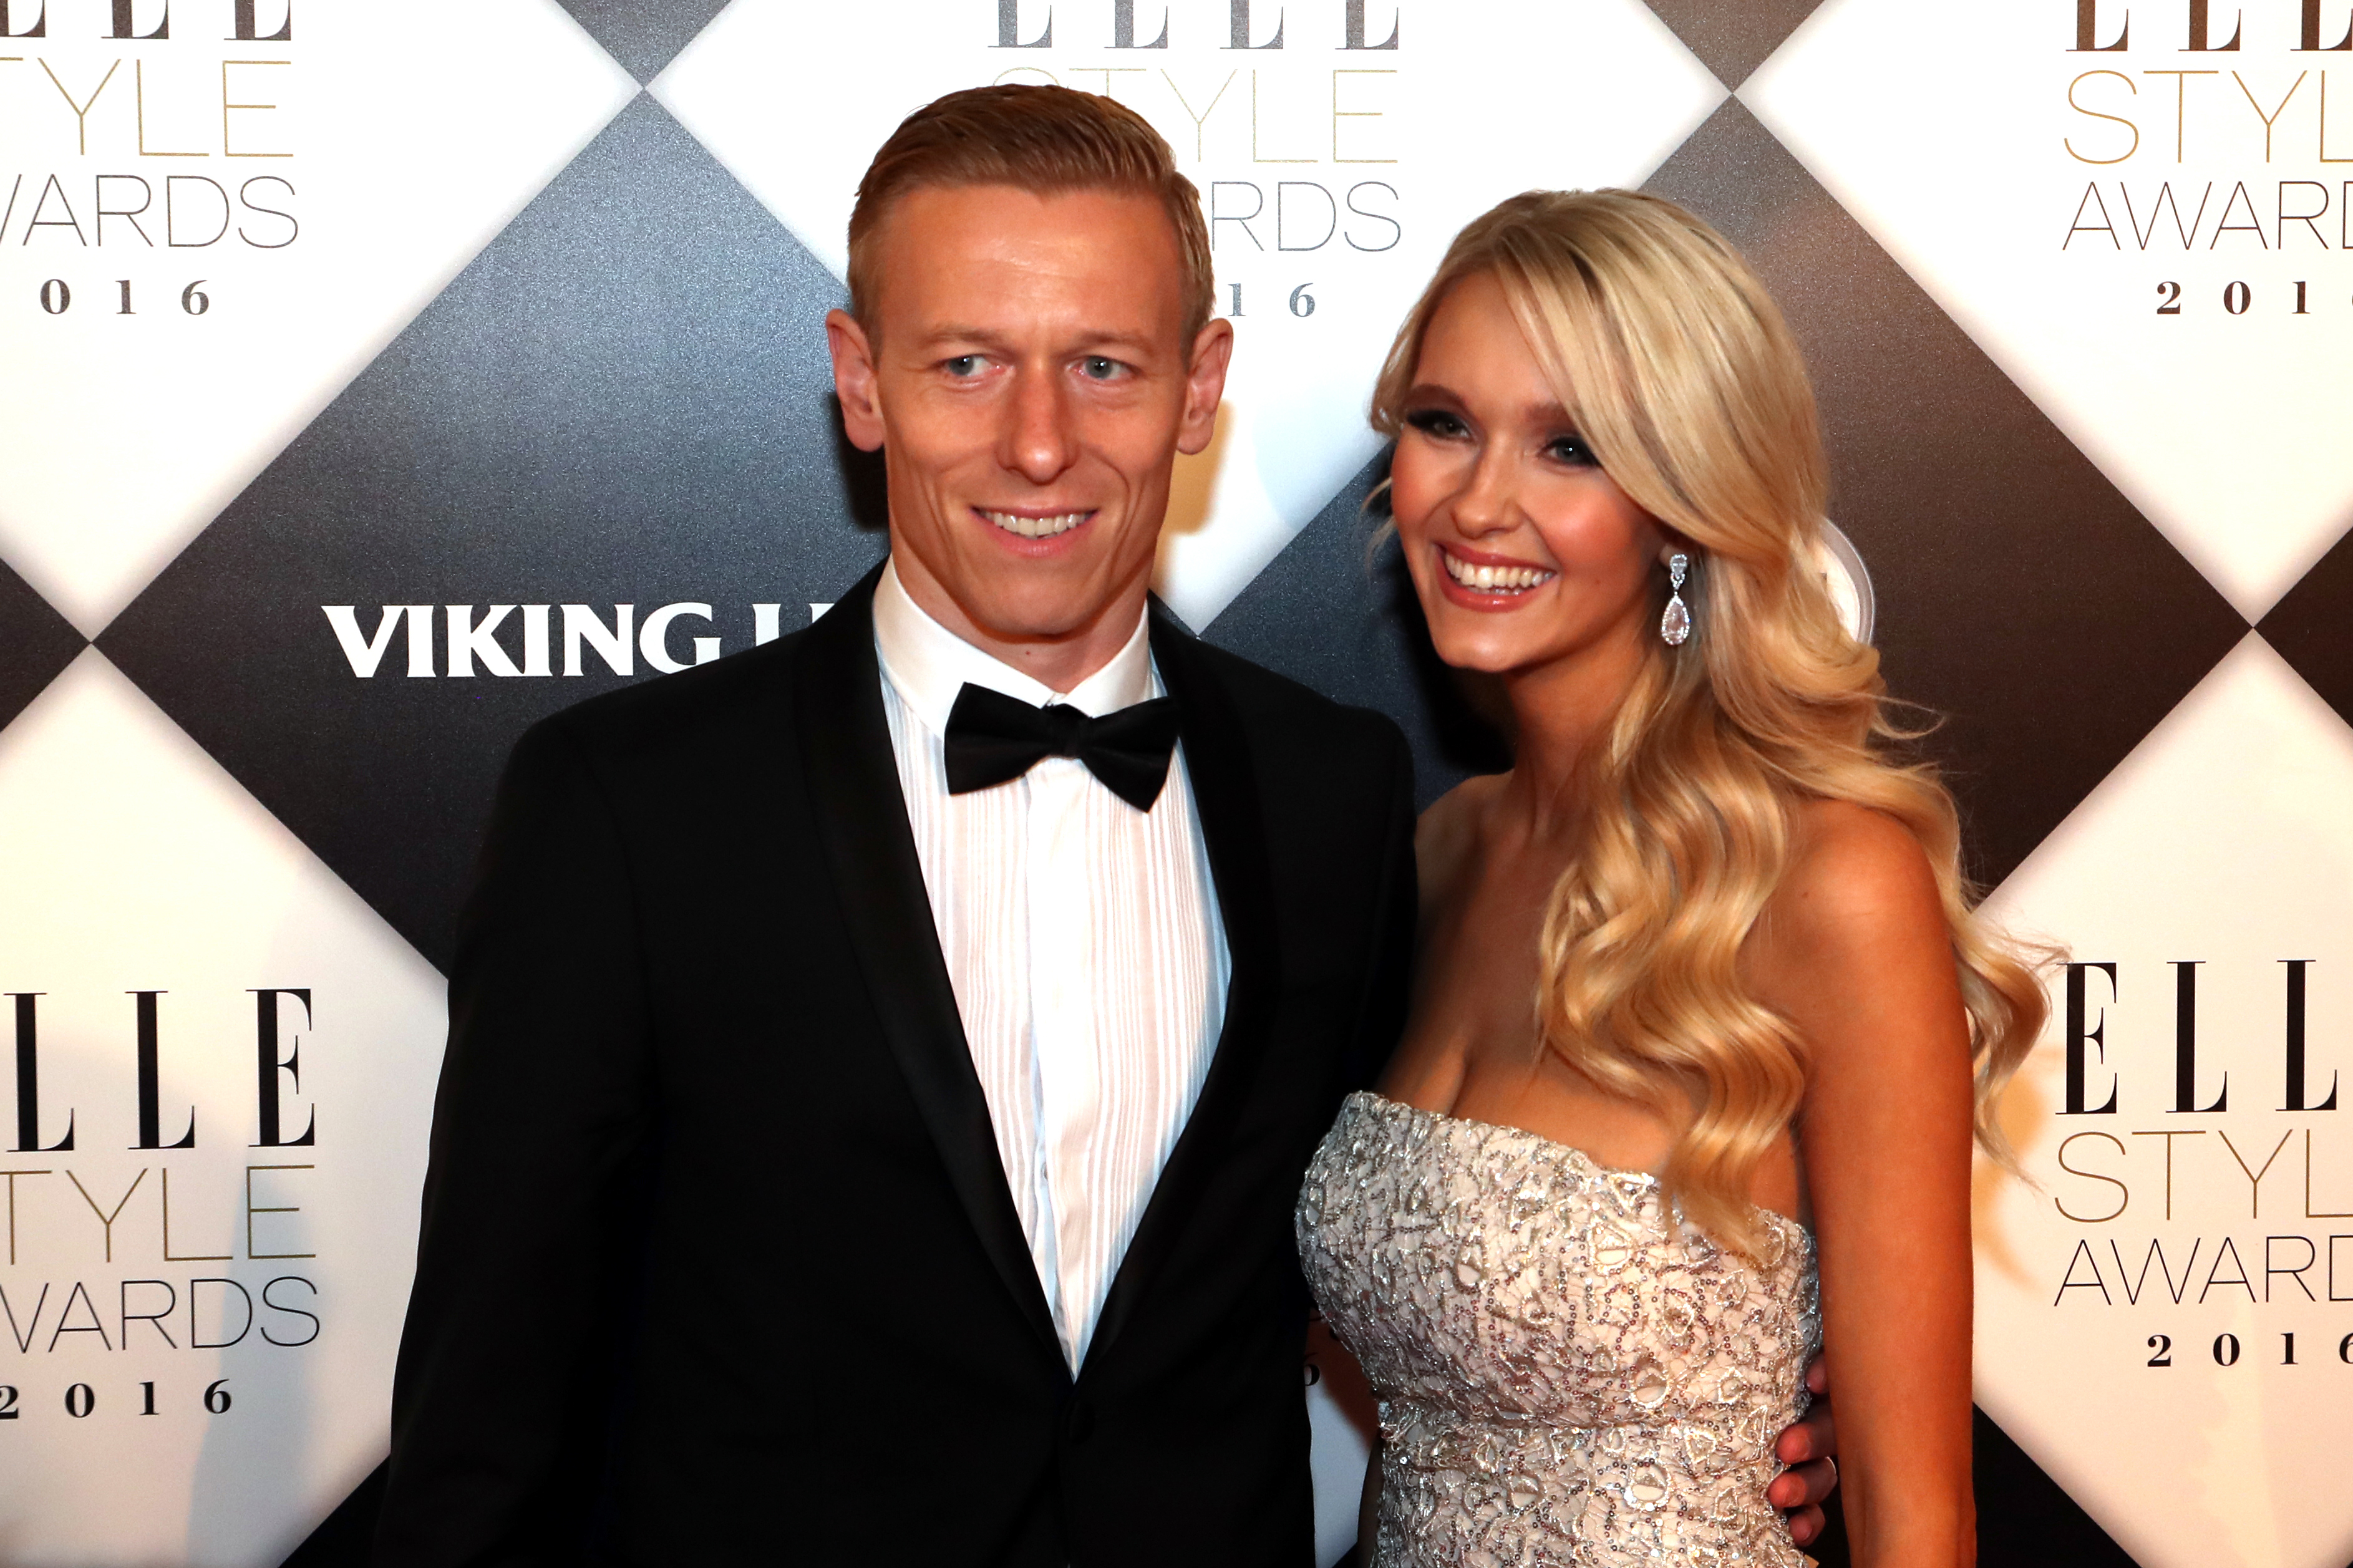 Mikael ja Metti Forssell ovat olleet naimisissa vuodesta 2014.